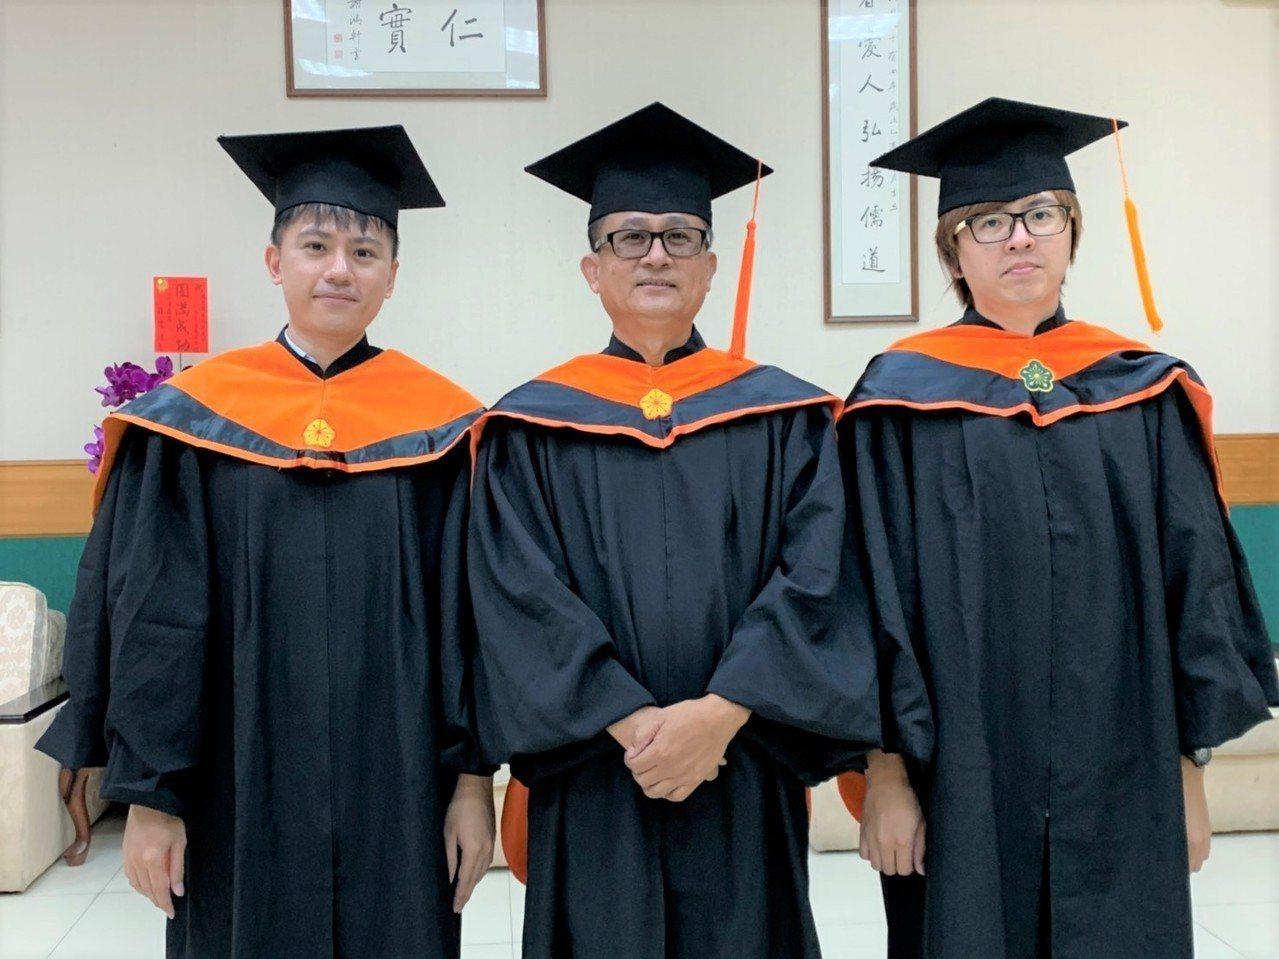 屏科大碩士專班林大本(中)與大兒子林殷(左)、小兒子林正霖(右)今天一起畢業,一...